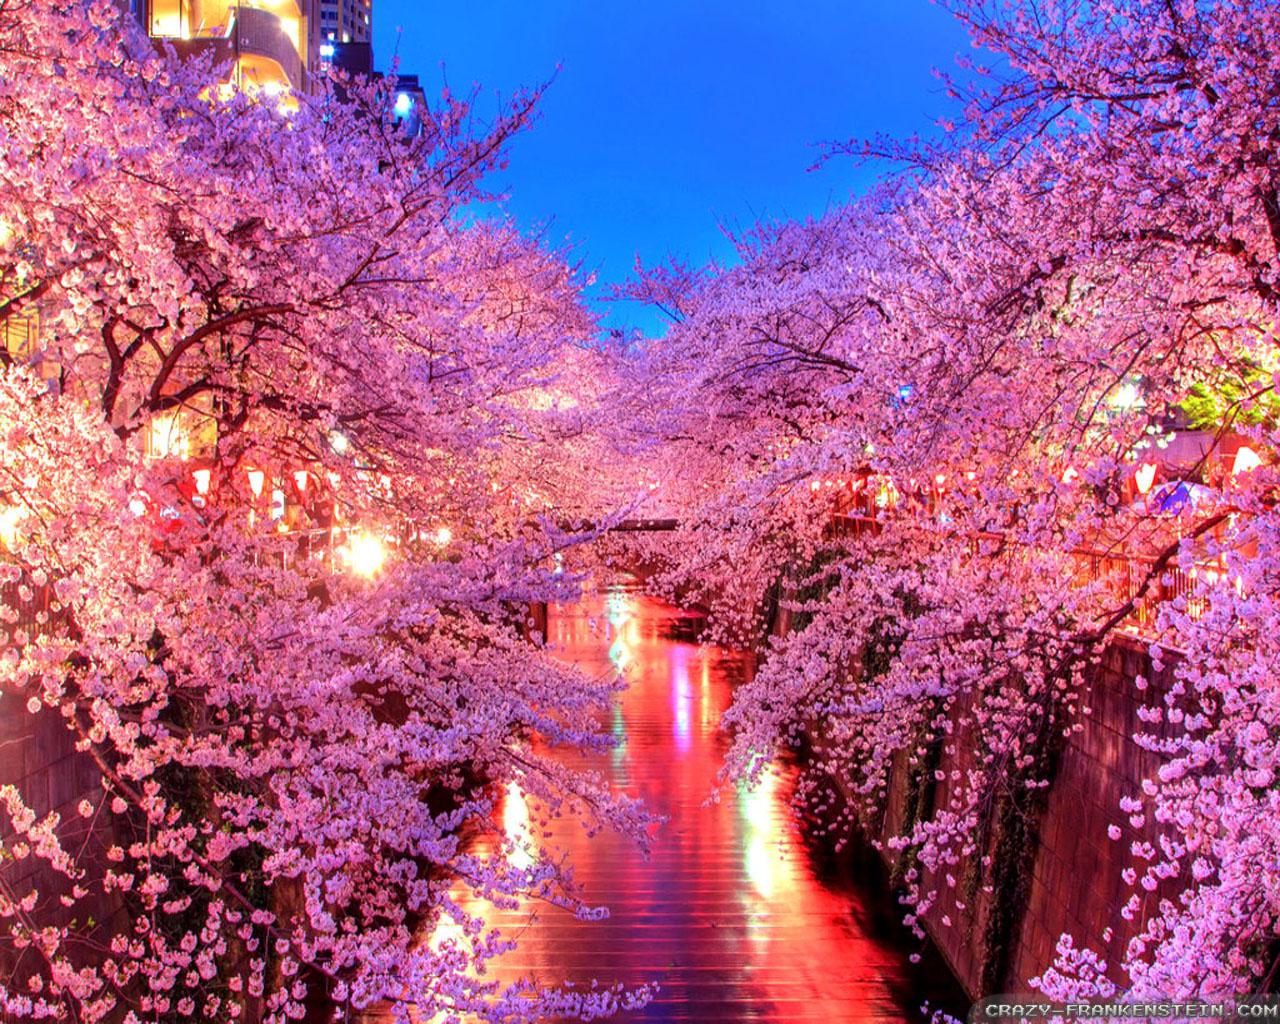 Nhật Bản đẹp nhất vào tháng 3,4 khi hoa Anh đào nở.